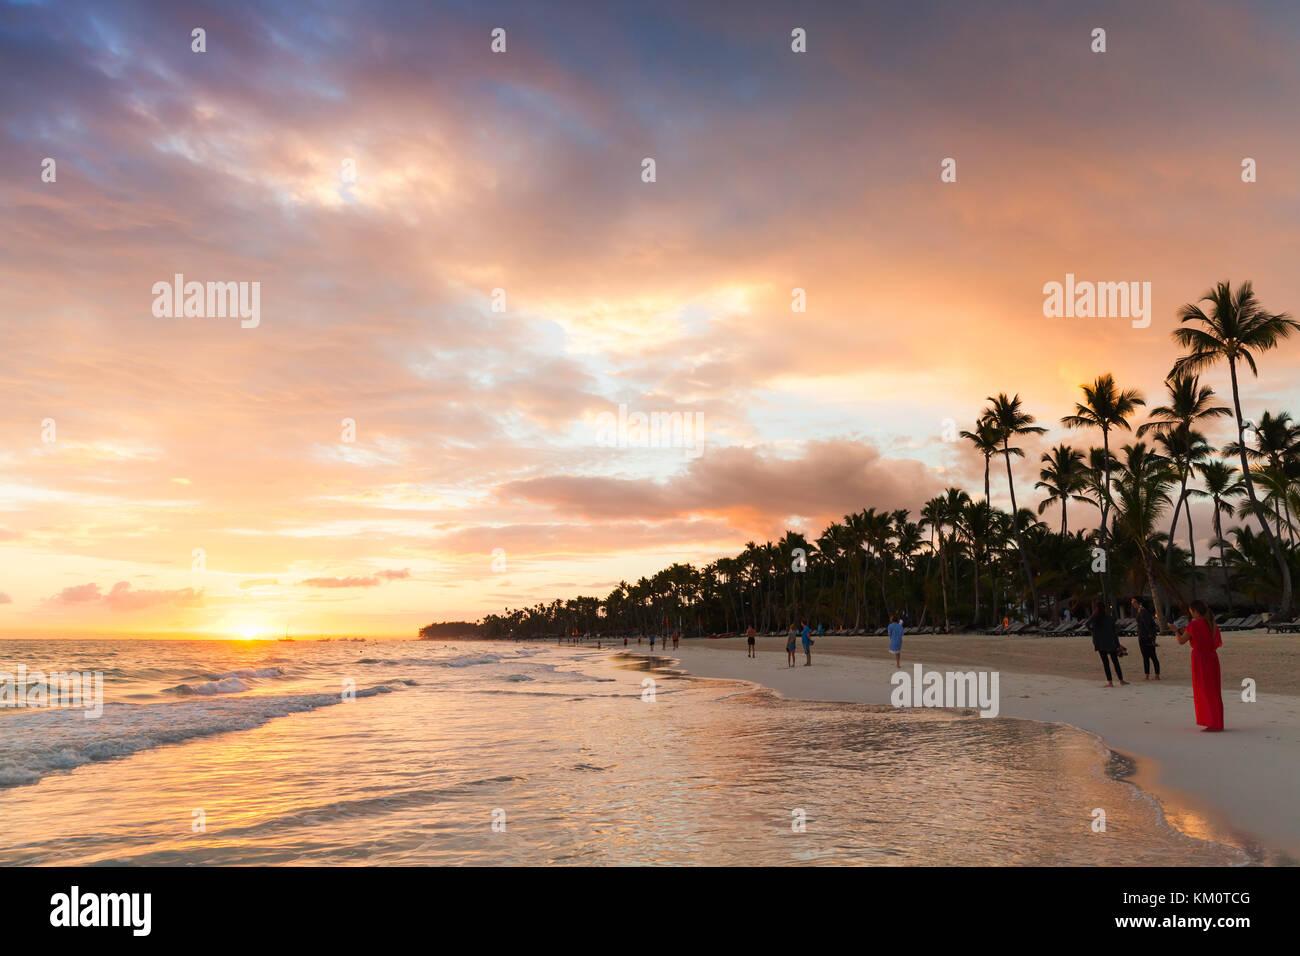 Punta Cana, Repubblica dominicana - Gennaio 5, 2017: la gente comune a piedi su sunrise spiaggia di Punta cana Immagini Stock